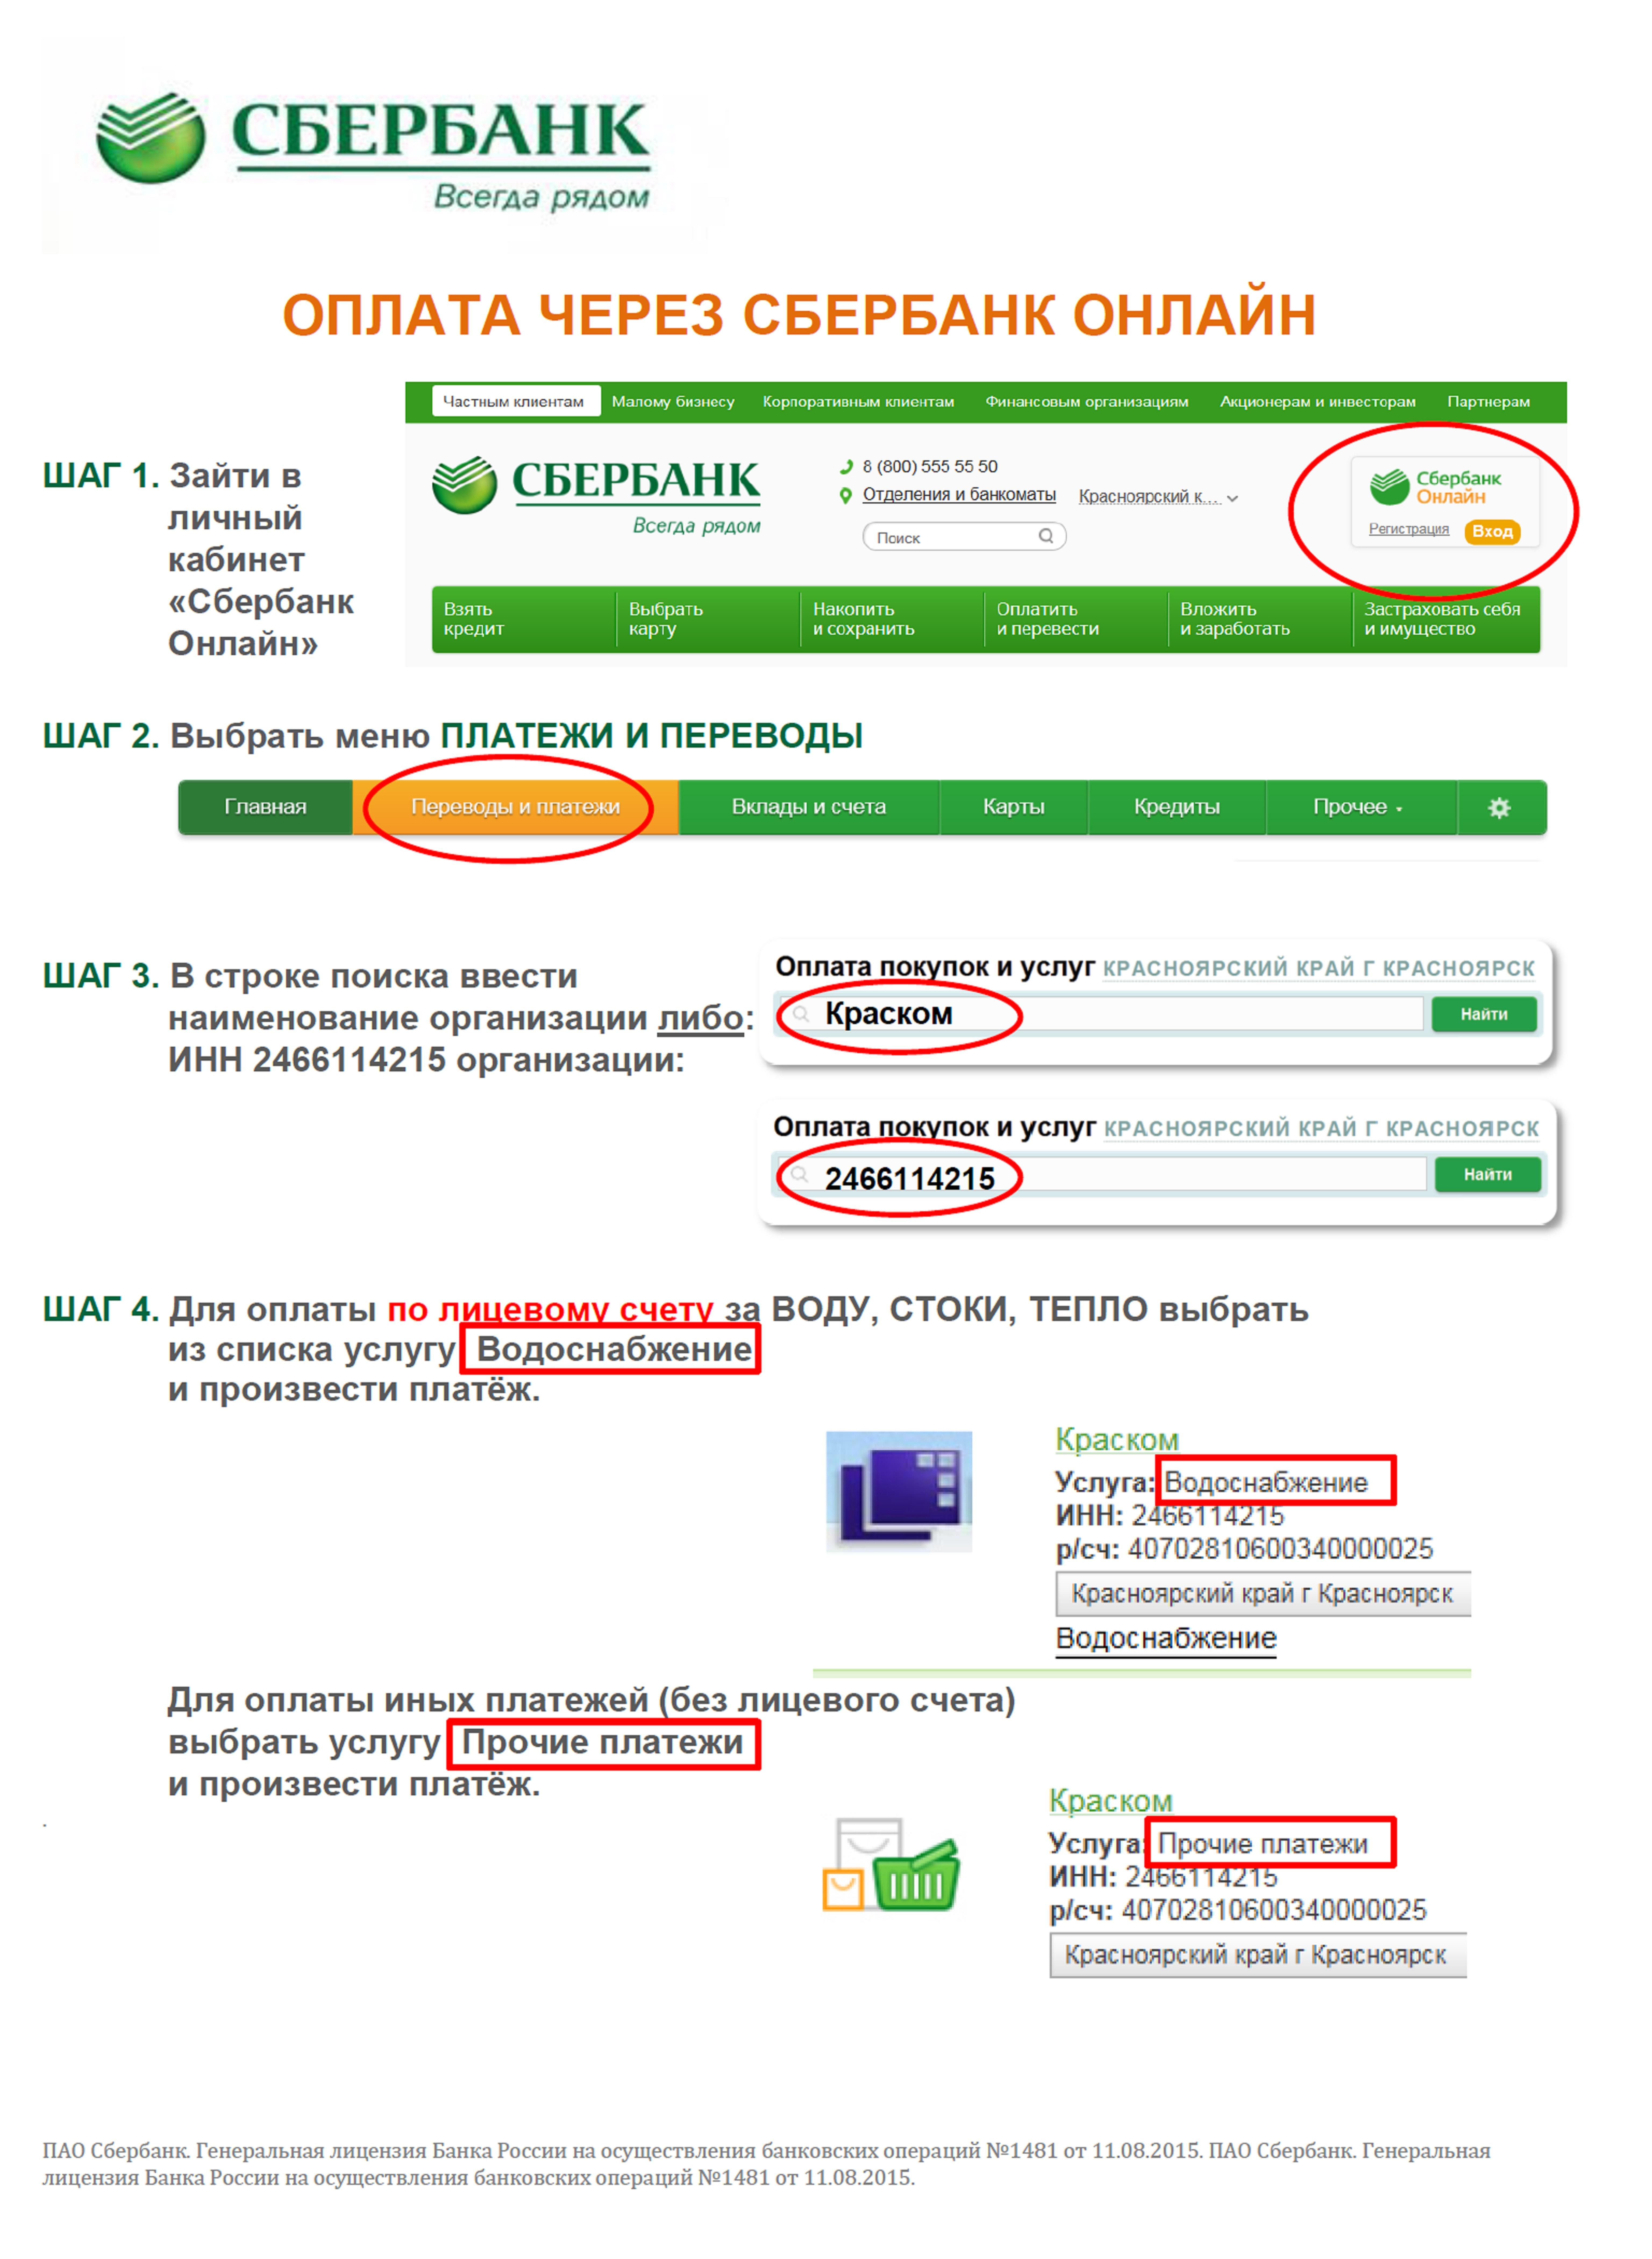 Как узнать расчетный счет карты Сбербанка - Сравни. ру 16